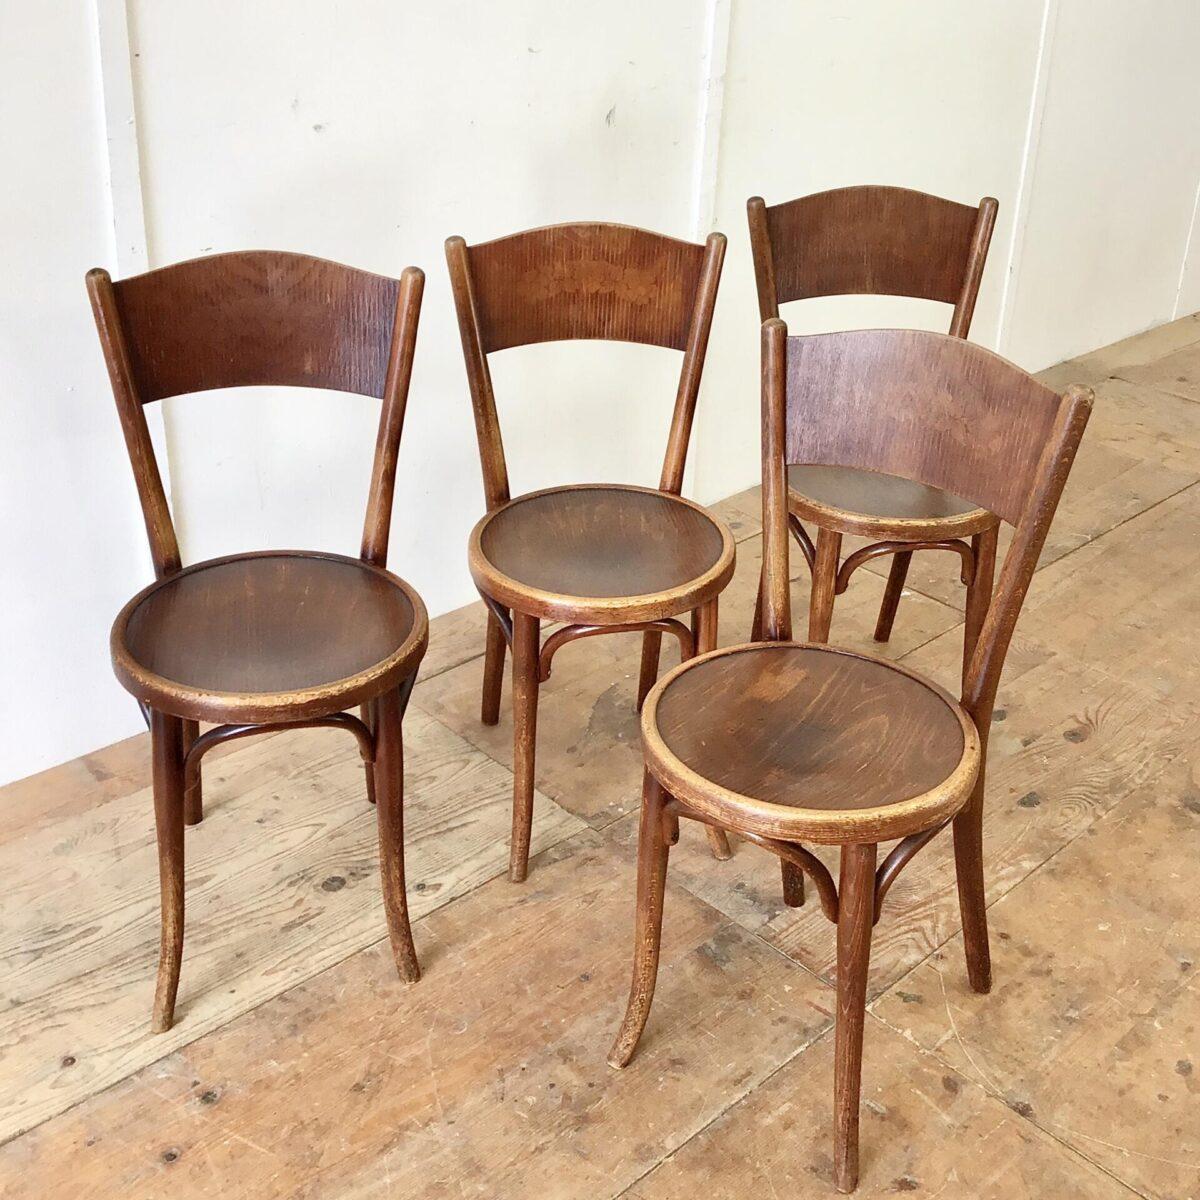 4er Set Bistrostühle von Thonet. Die Stühle sind in in stabilem überarbeiteten Zustand. Vorderbeine teilweise frisch eingeleimt. Warme Dunkelbraune Alterspatina.